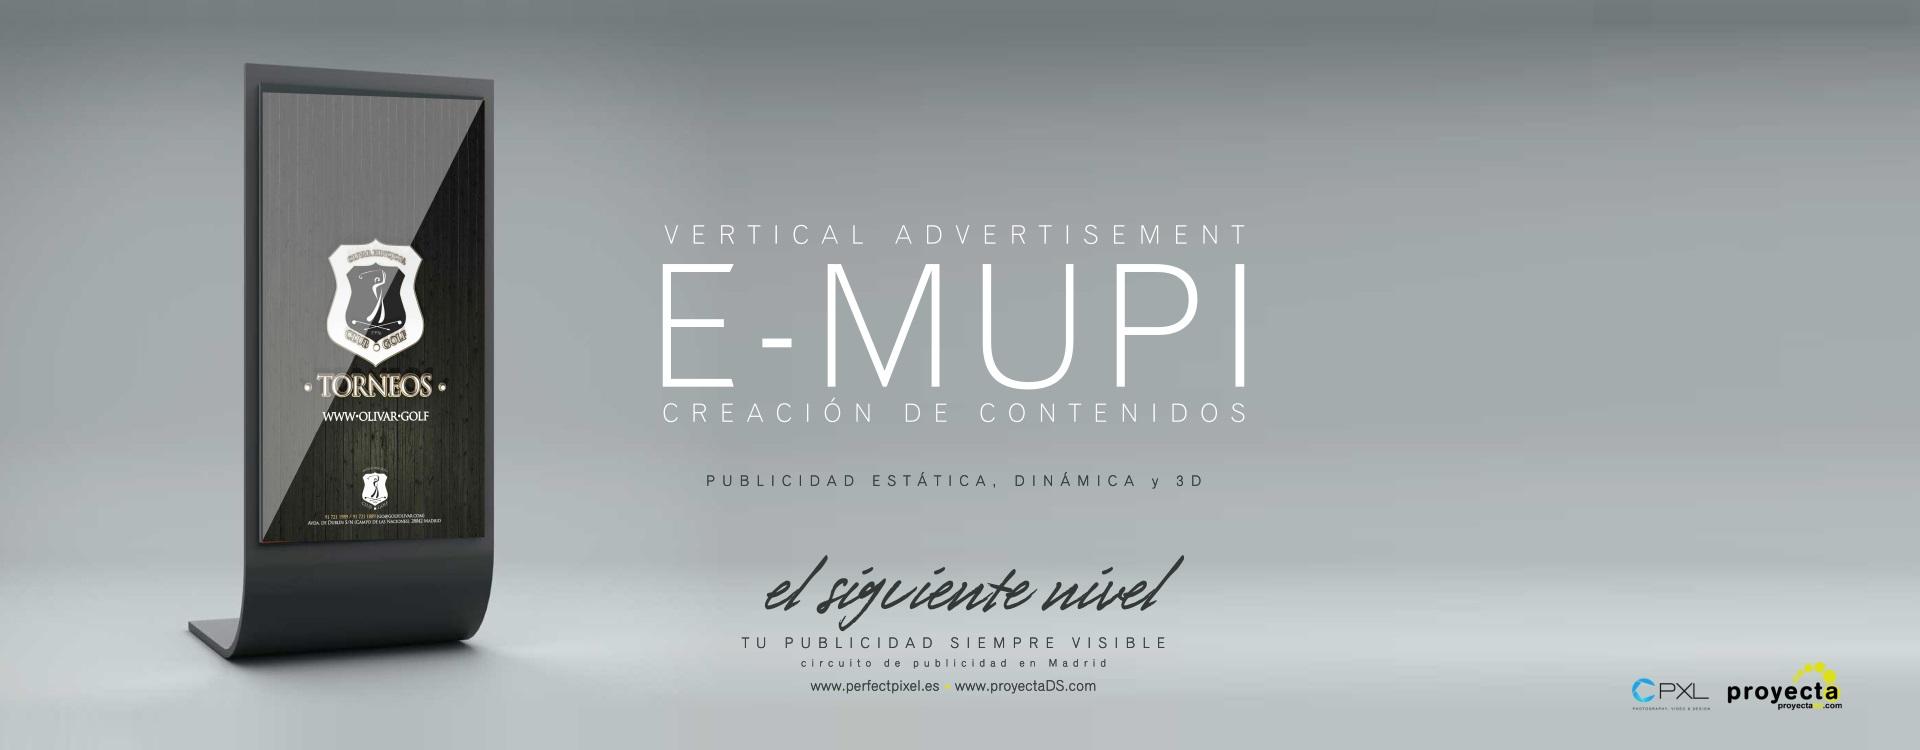 Vertical-ADV-EMUPI-Circuito-Publicidad-Cine-Metro-Deporte-Agencia-de-Publicidad